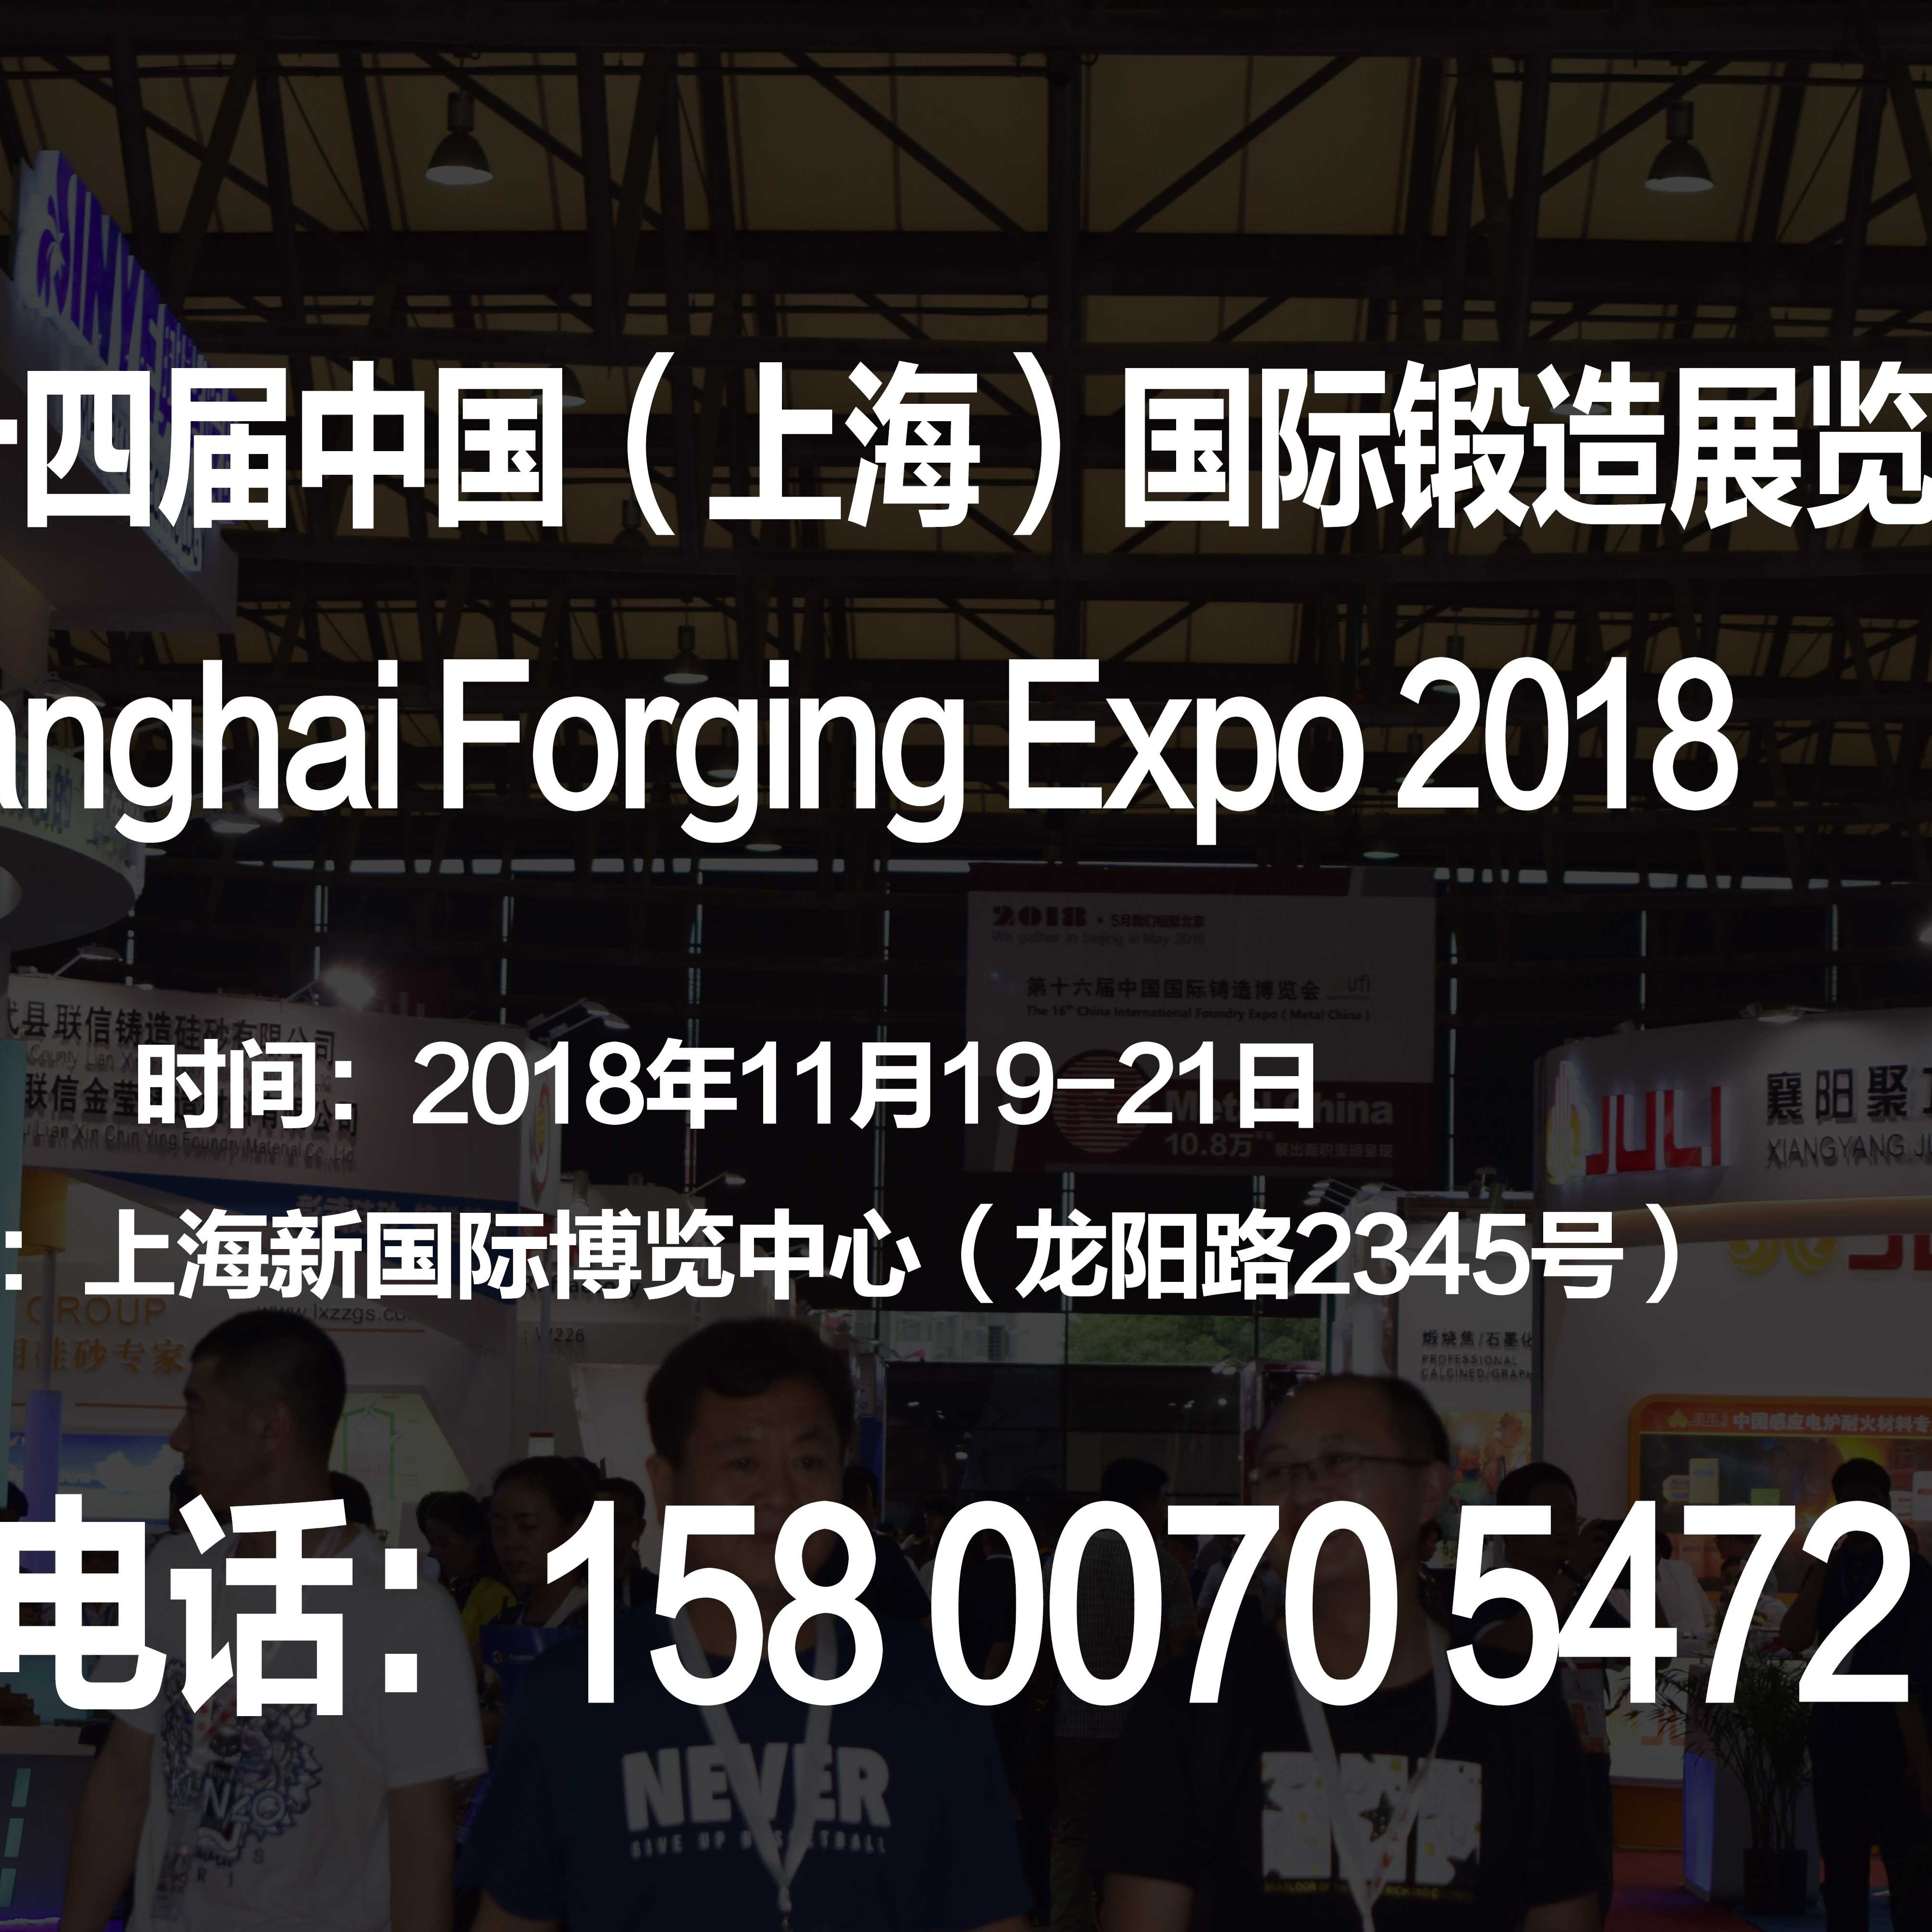 【2018上海锻造展】2018第十四届中国(上海)国际锻造展览会